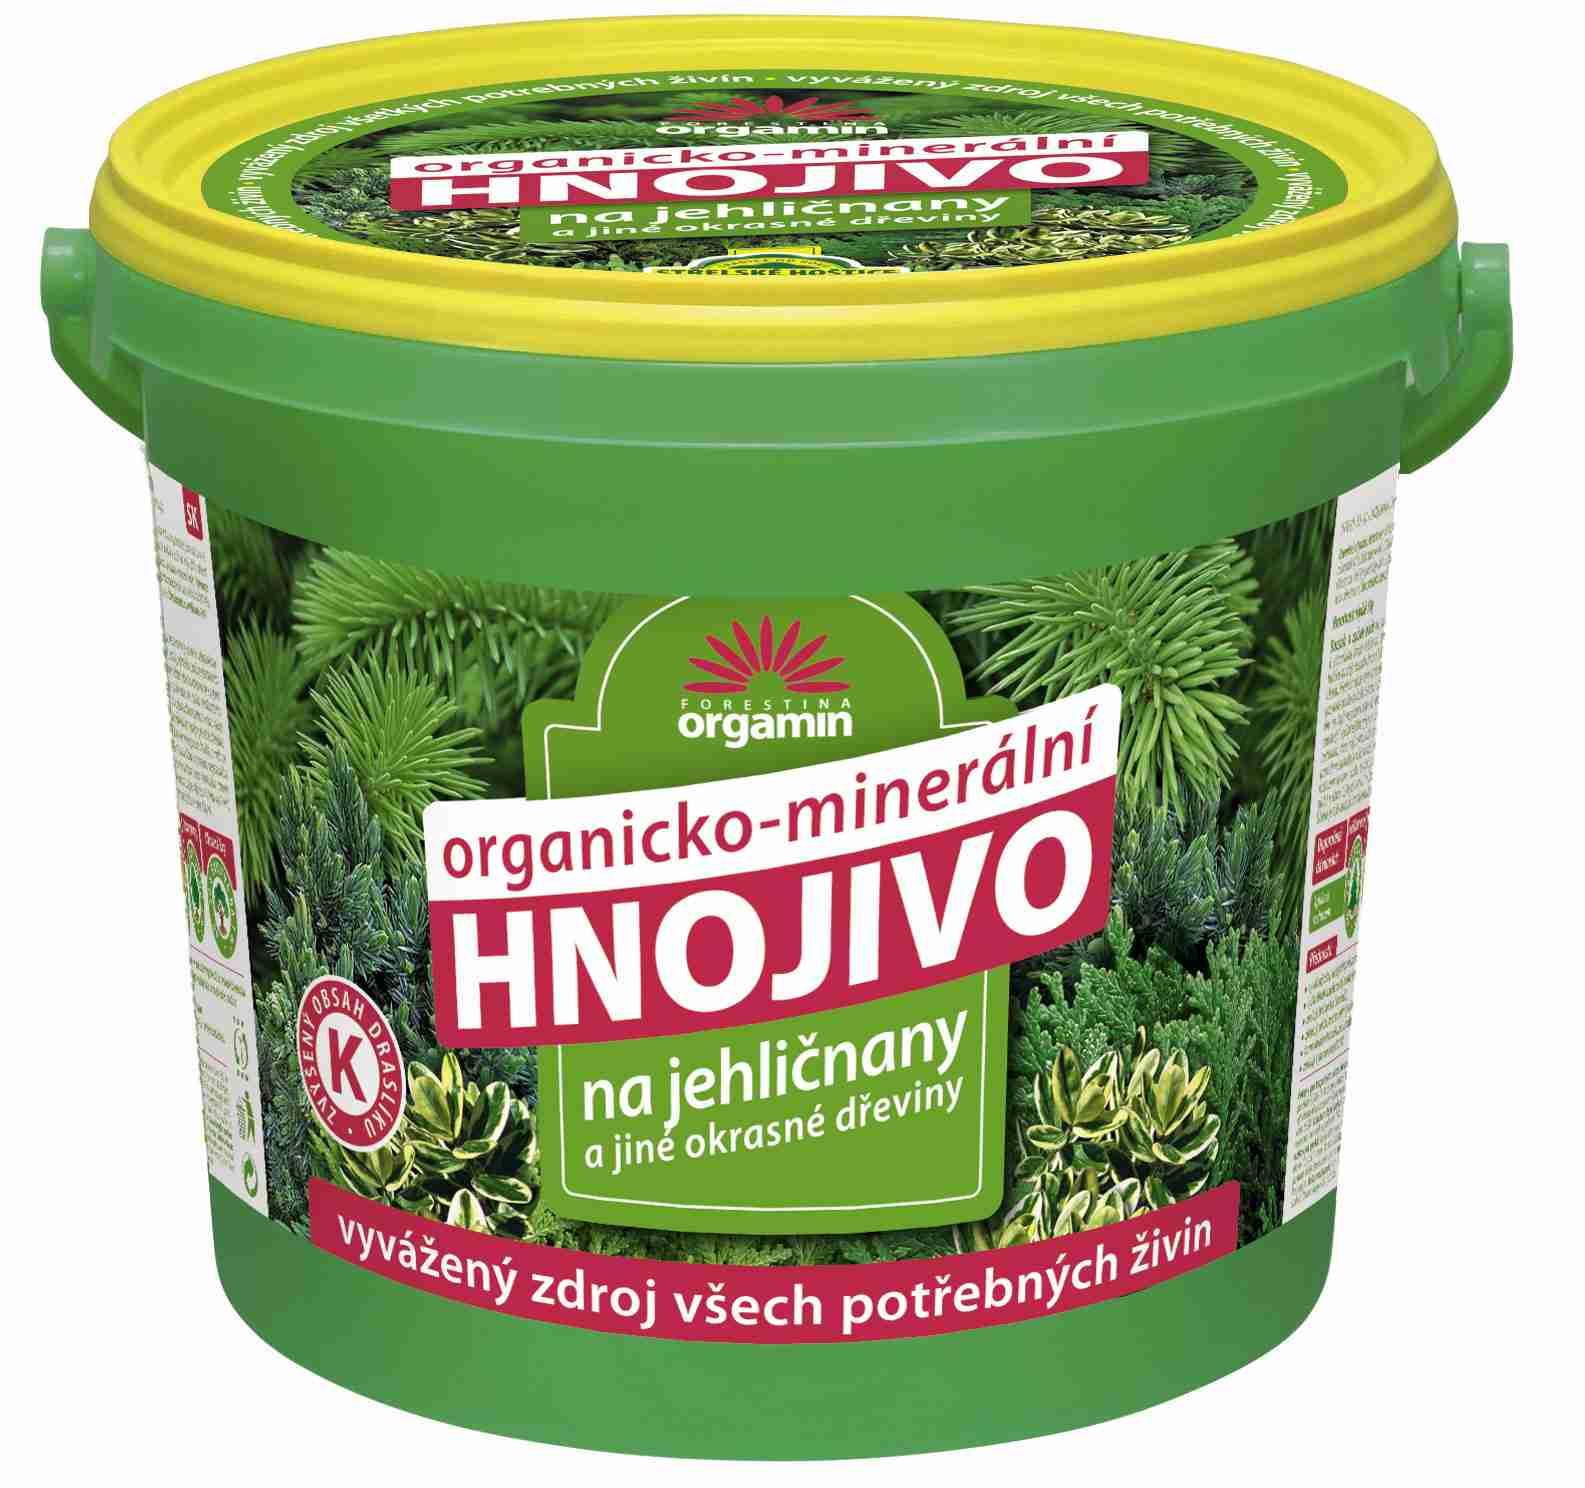 Hnojivo pro jehličnany a jiné okrasné dřeviny - kbelík 5 kg Forestina